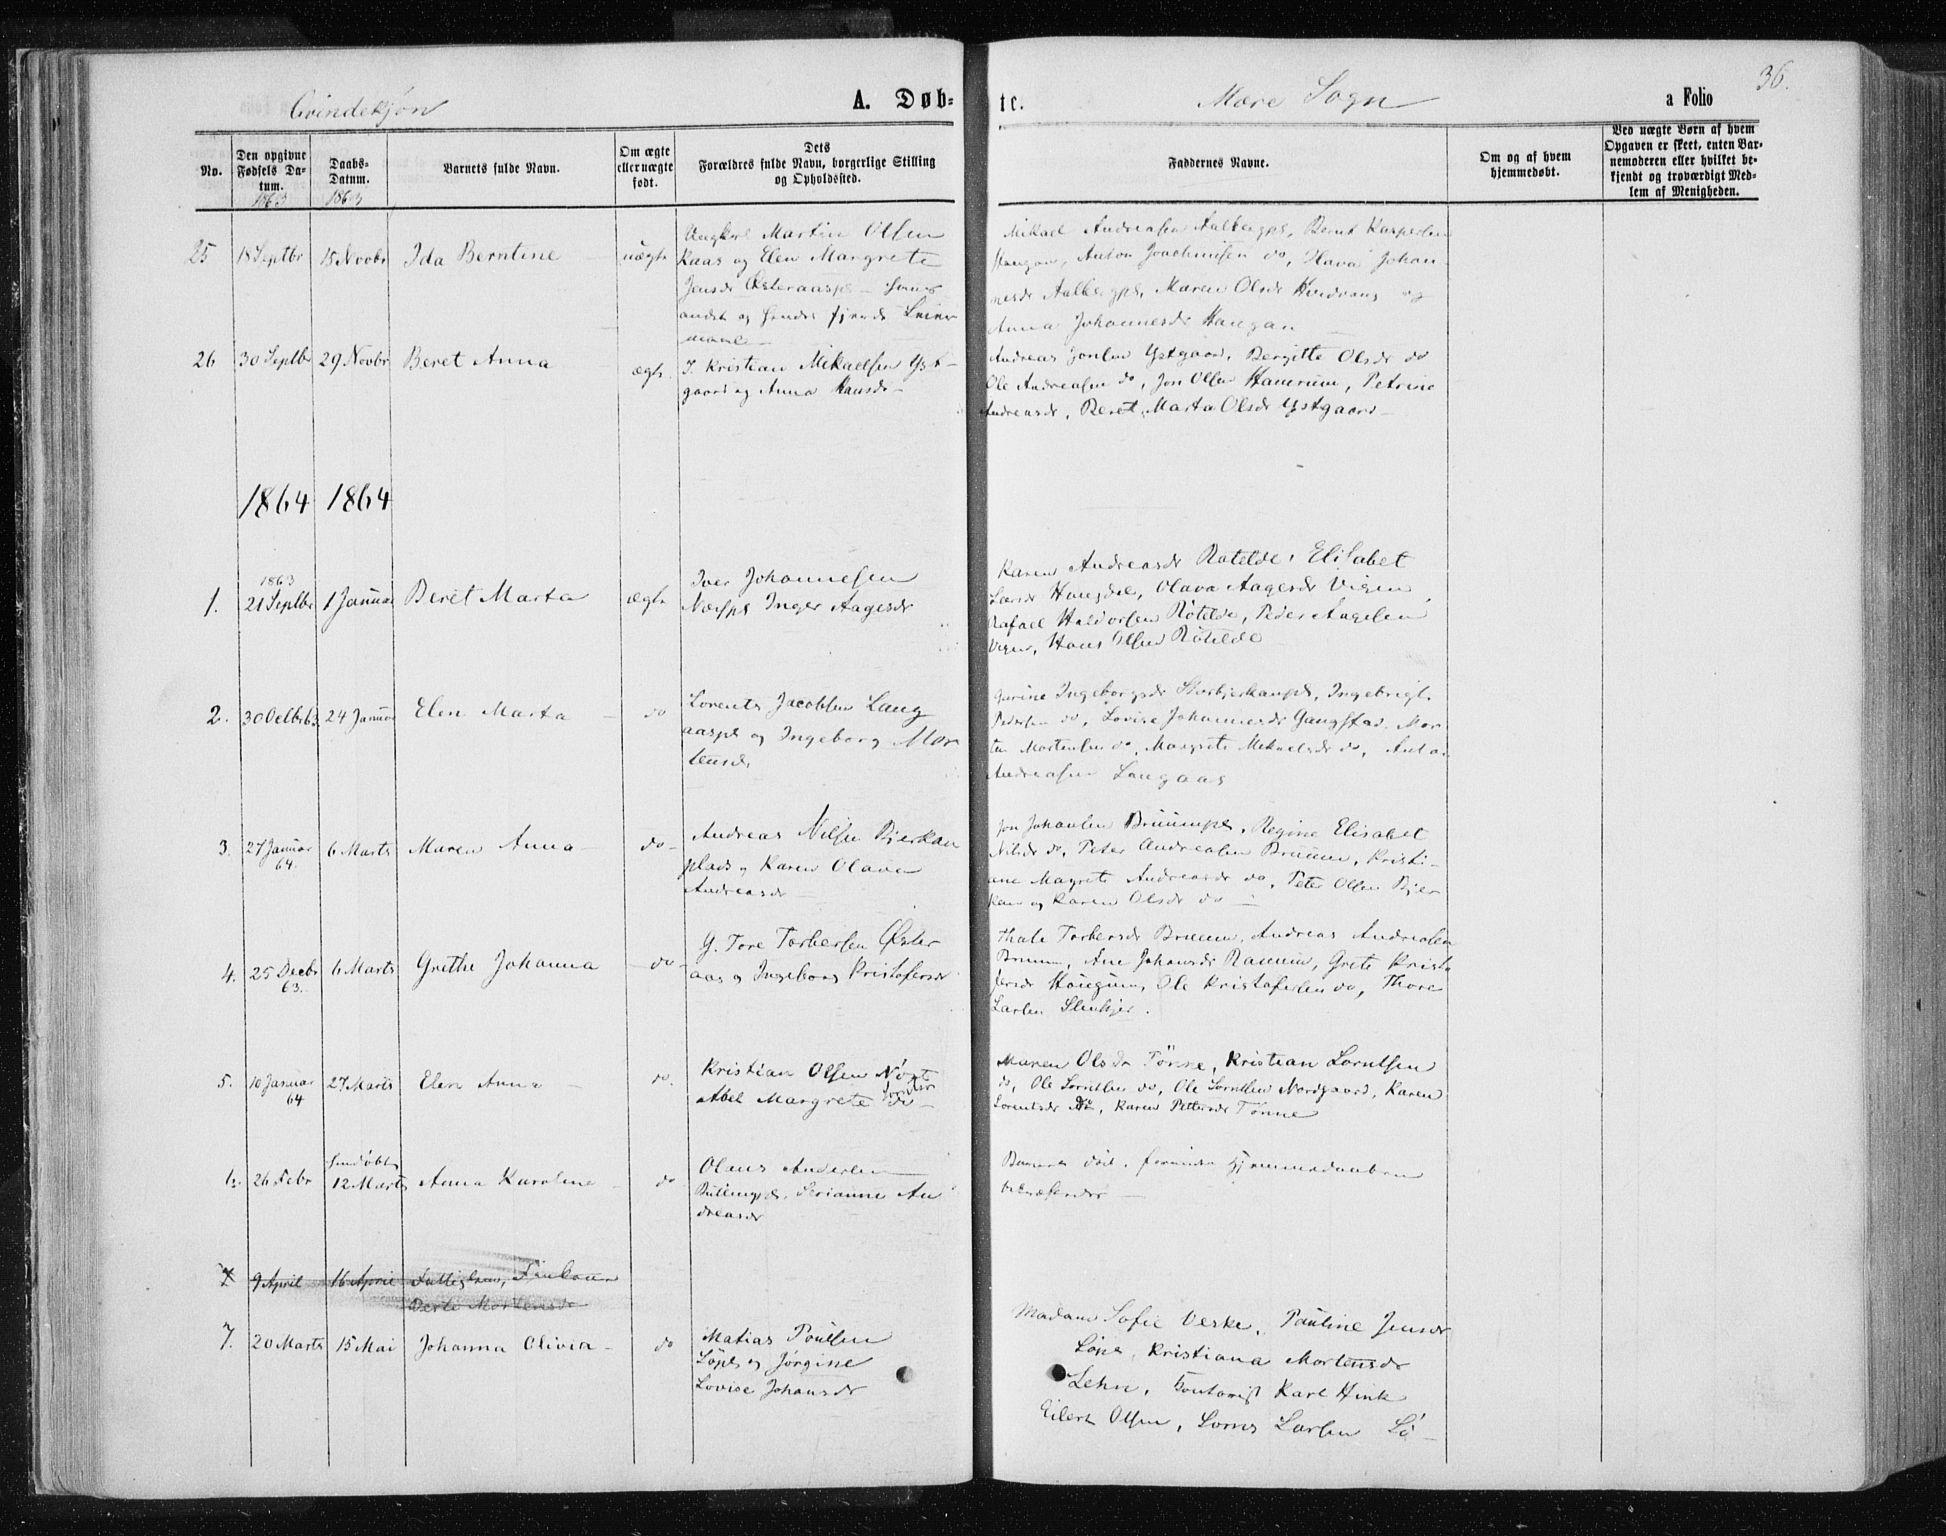 SAT, Ministerialprotokoller, klokkerbøker og fødselsregistre - Nord-Trøndelag, 735/L0345: Ministerialbok nr. 735A08 /1, 1863-1872, s. 36